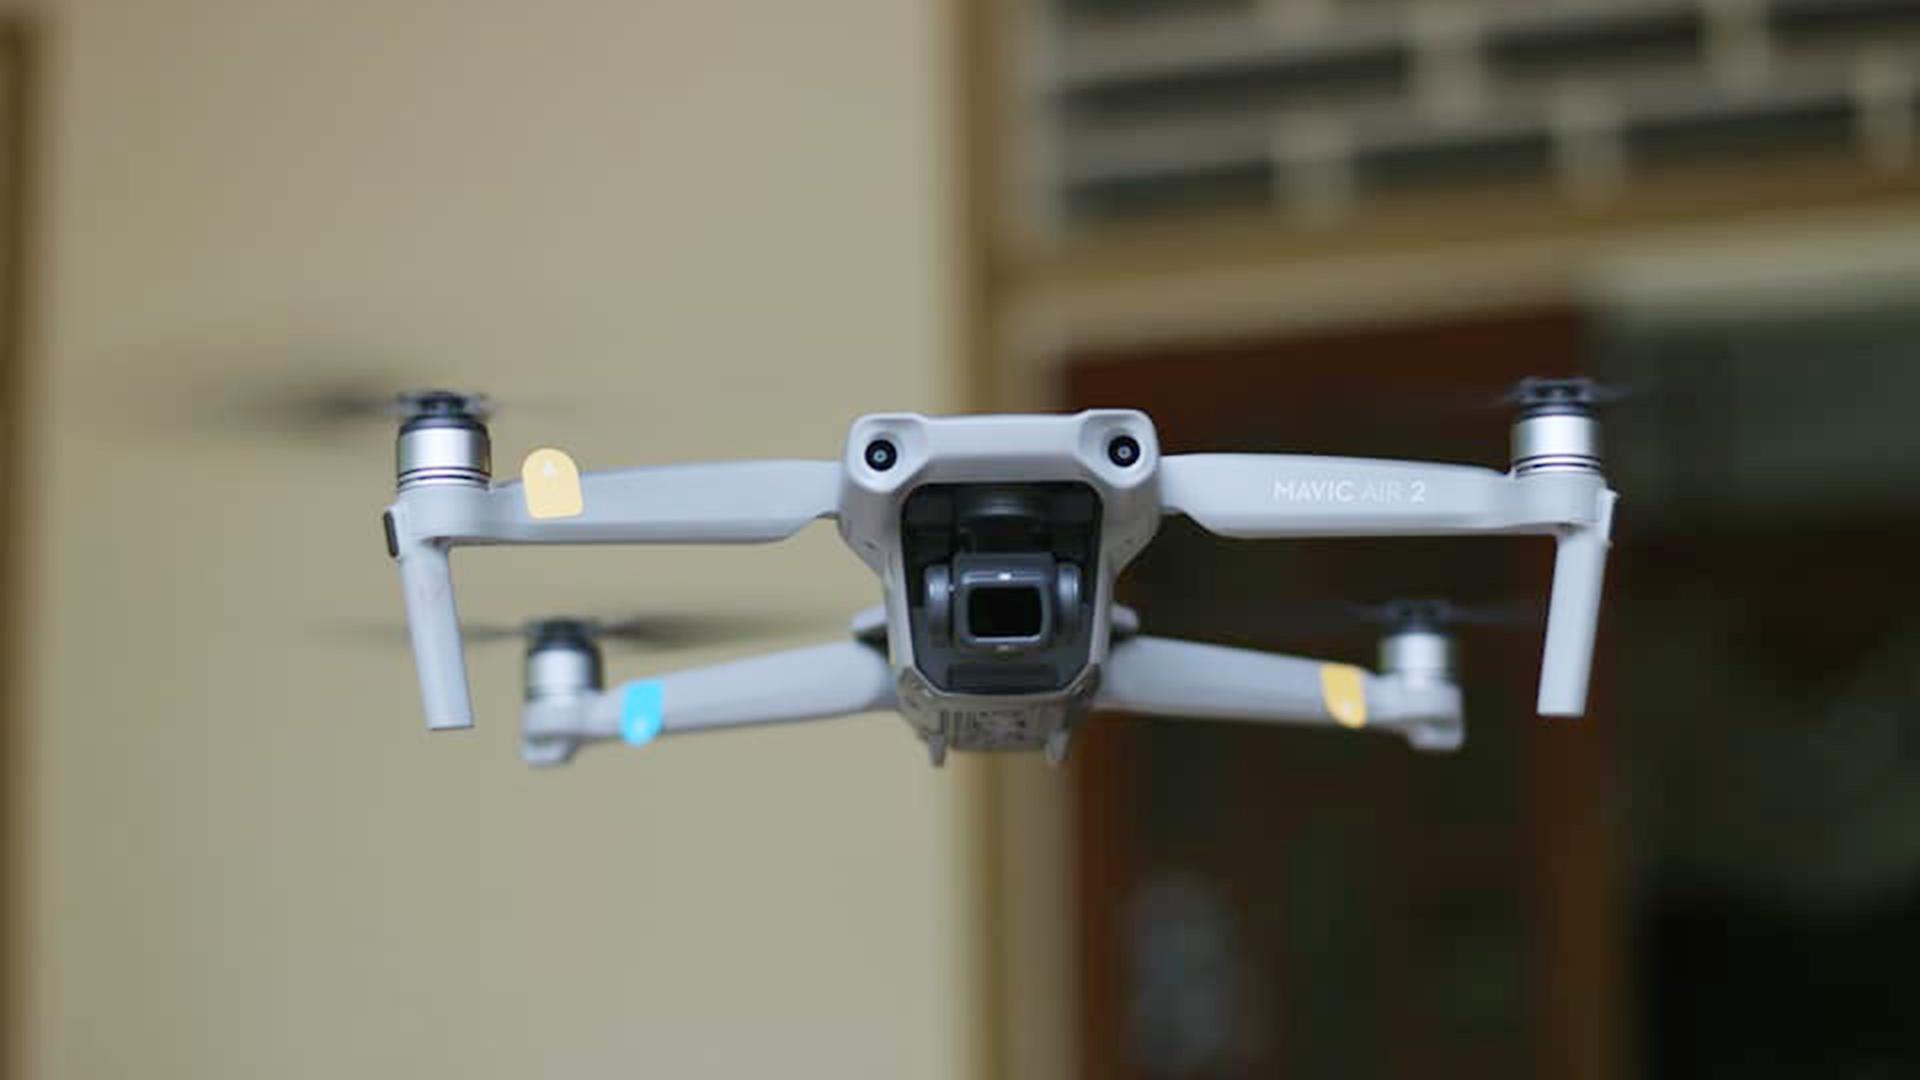 BẢO DƯỠNG DRONE ĐÚNG CÁCH NHƯ THẾ NÀO 3